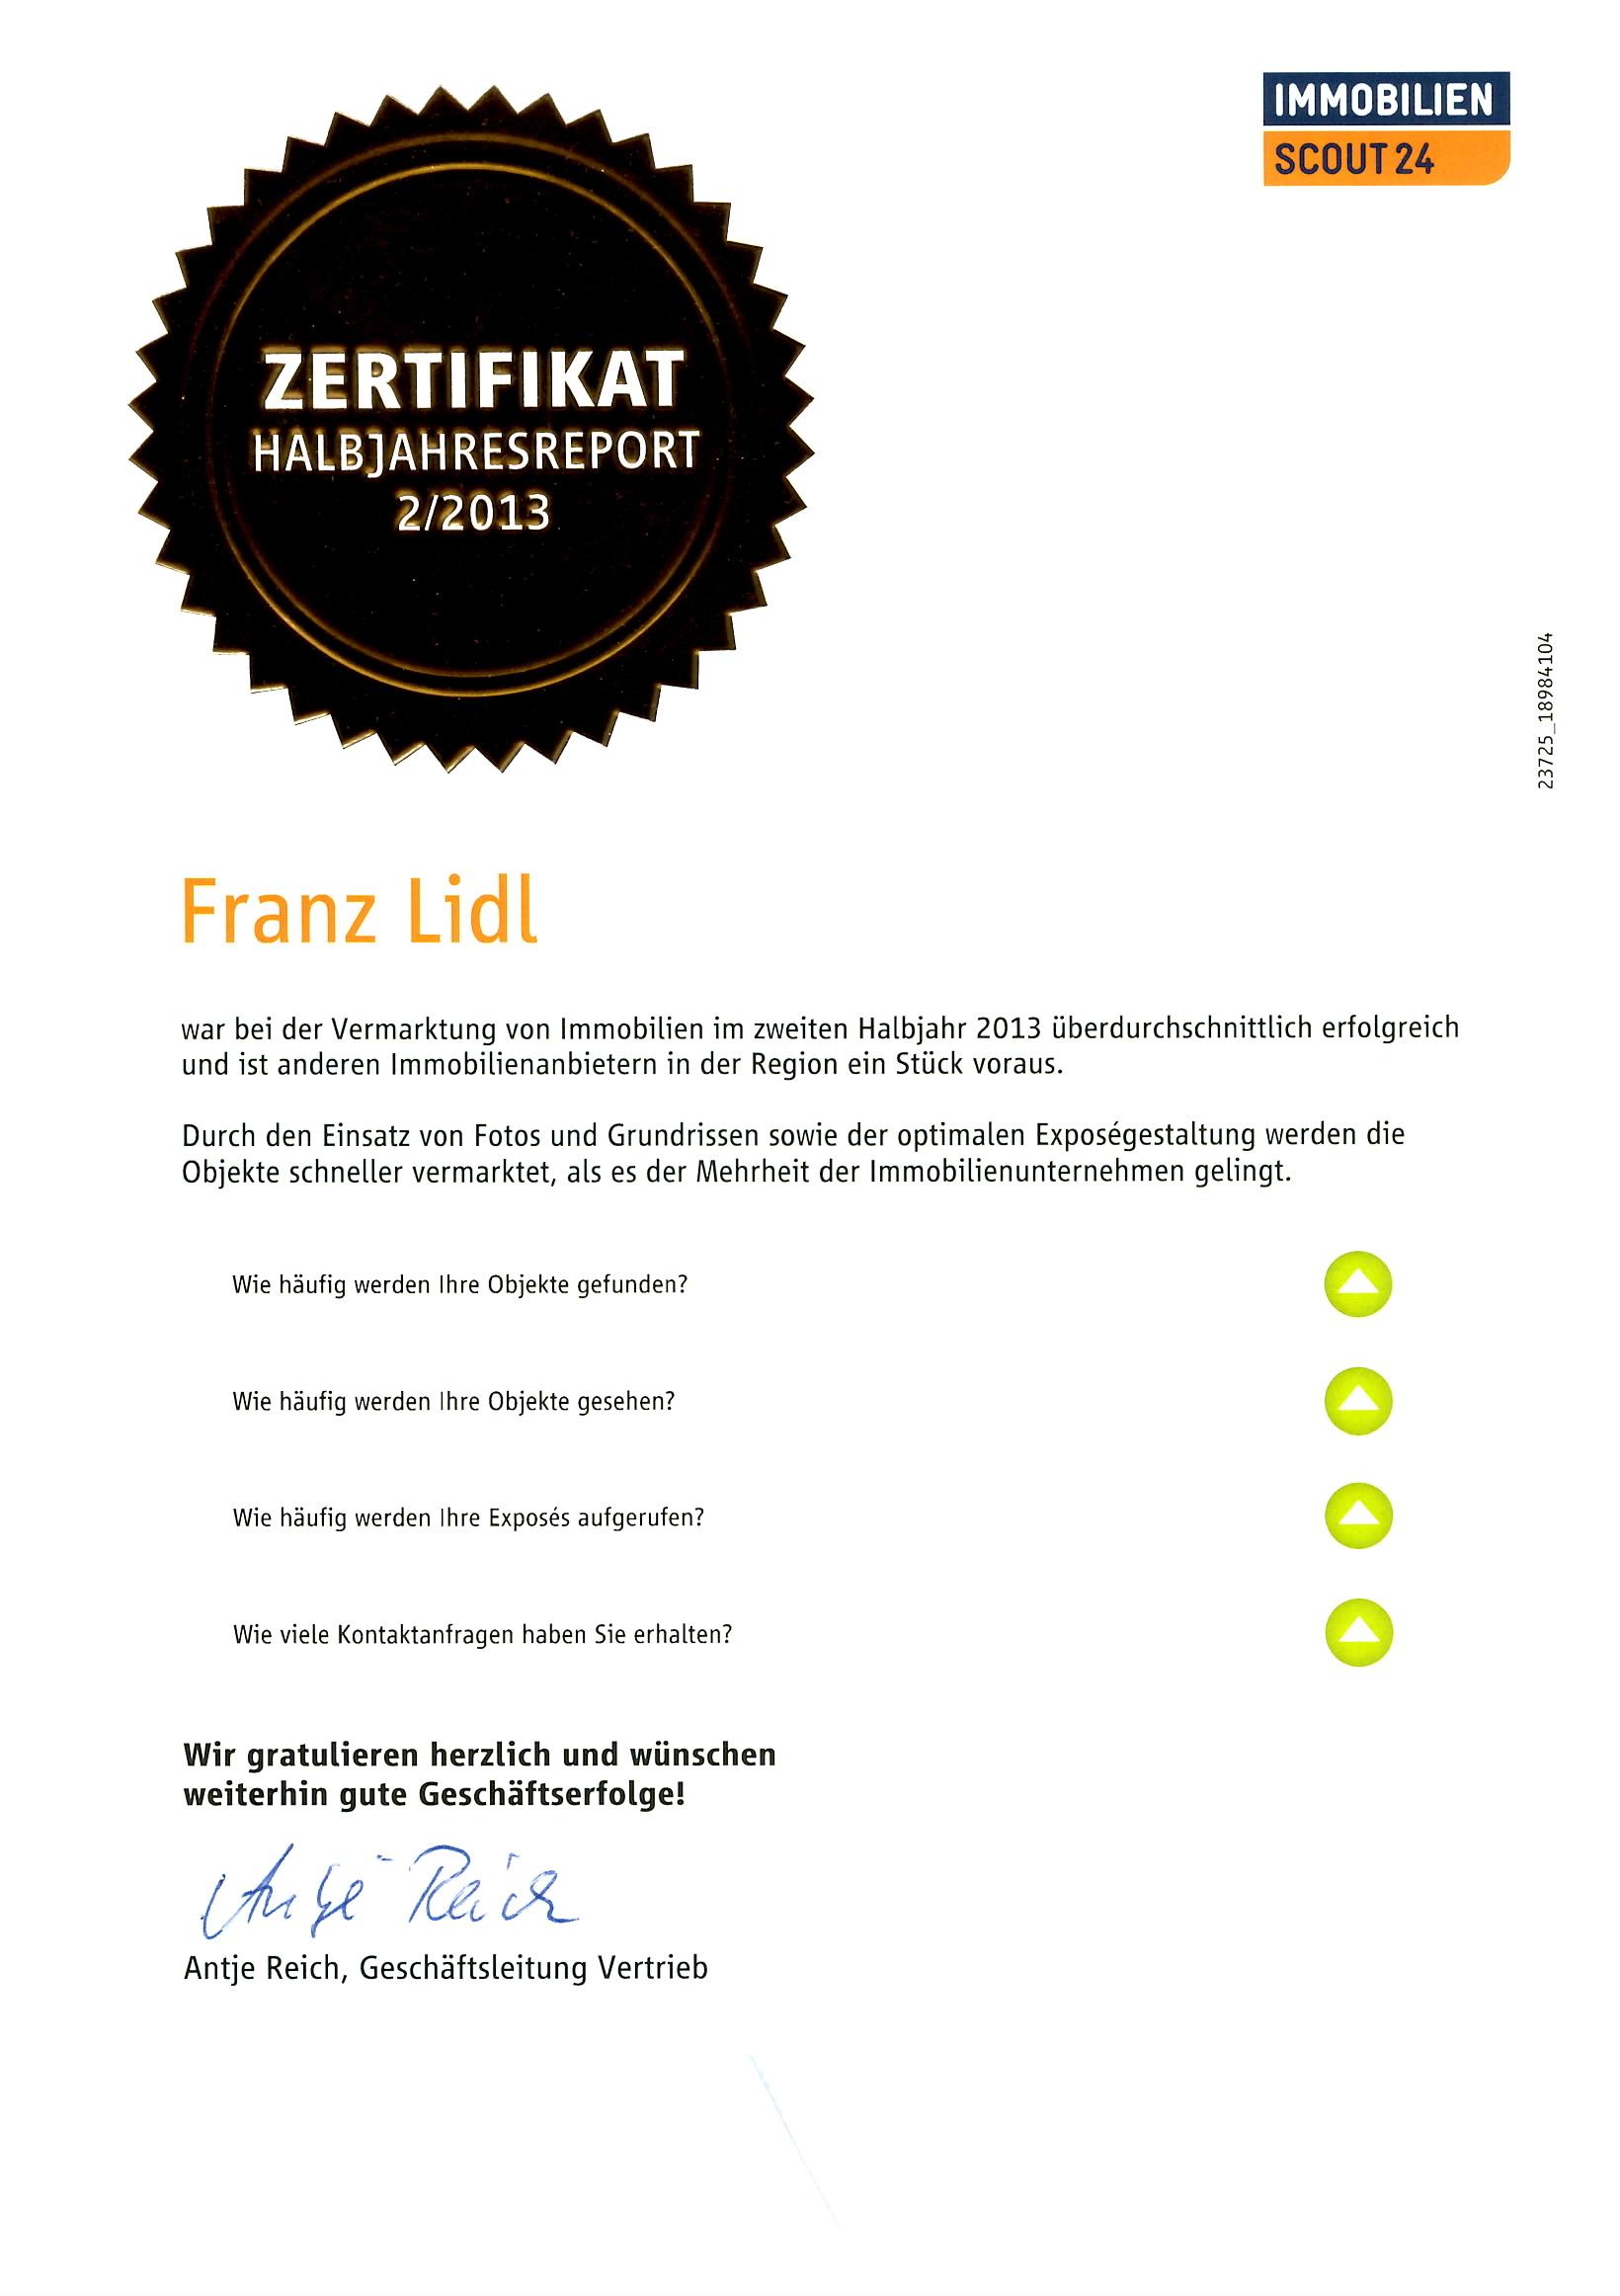 Auszeichnung Immobilienscout24